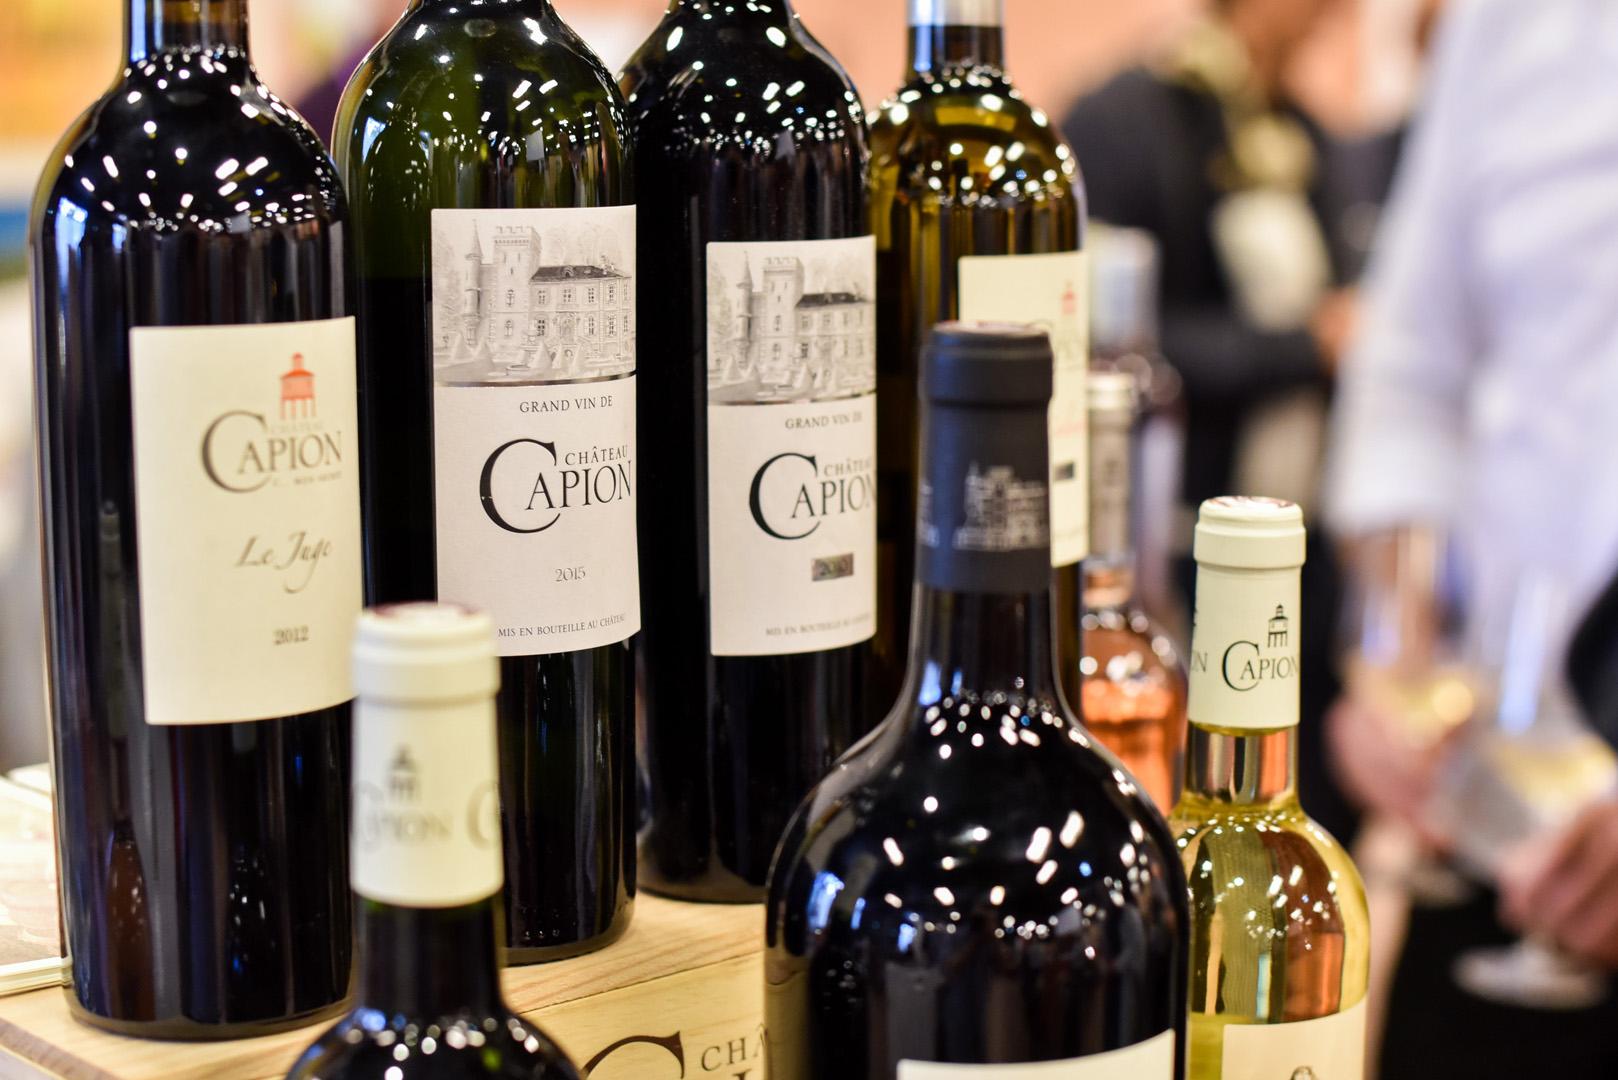 2016-10-17 - salon vinomedia villeurbanne024